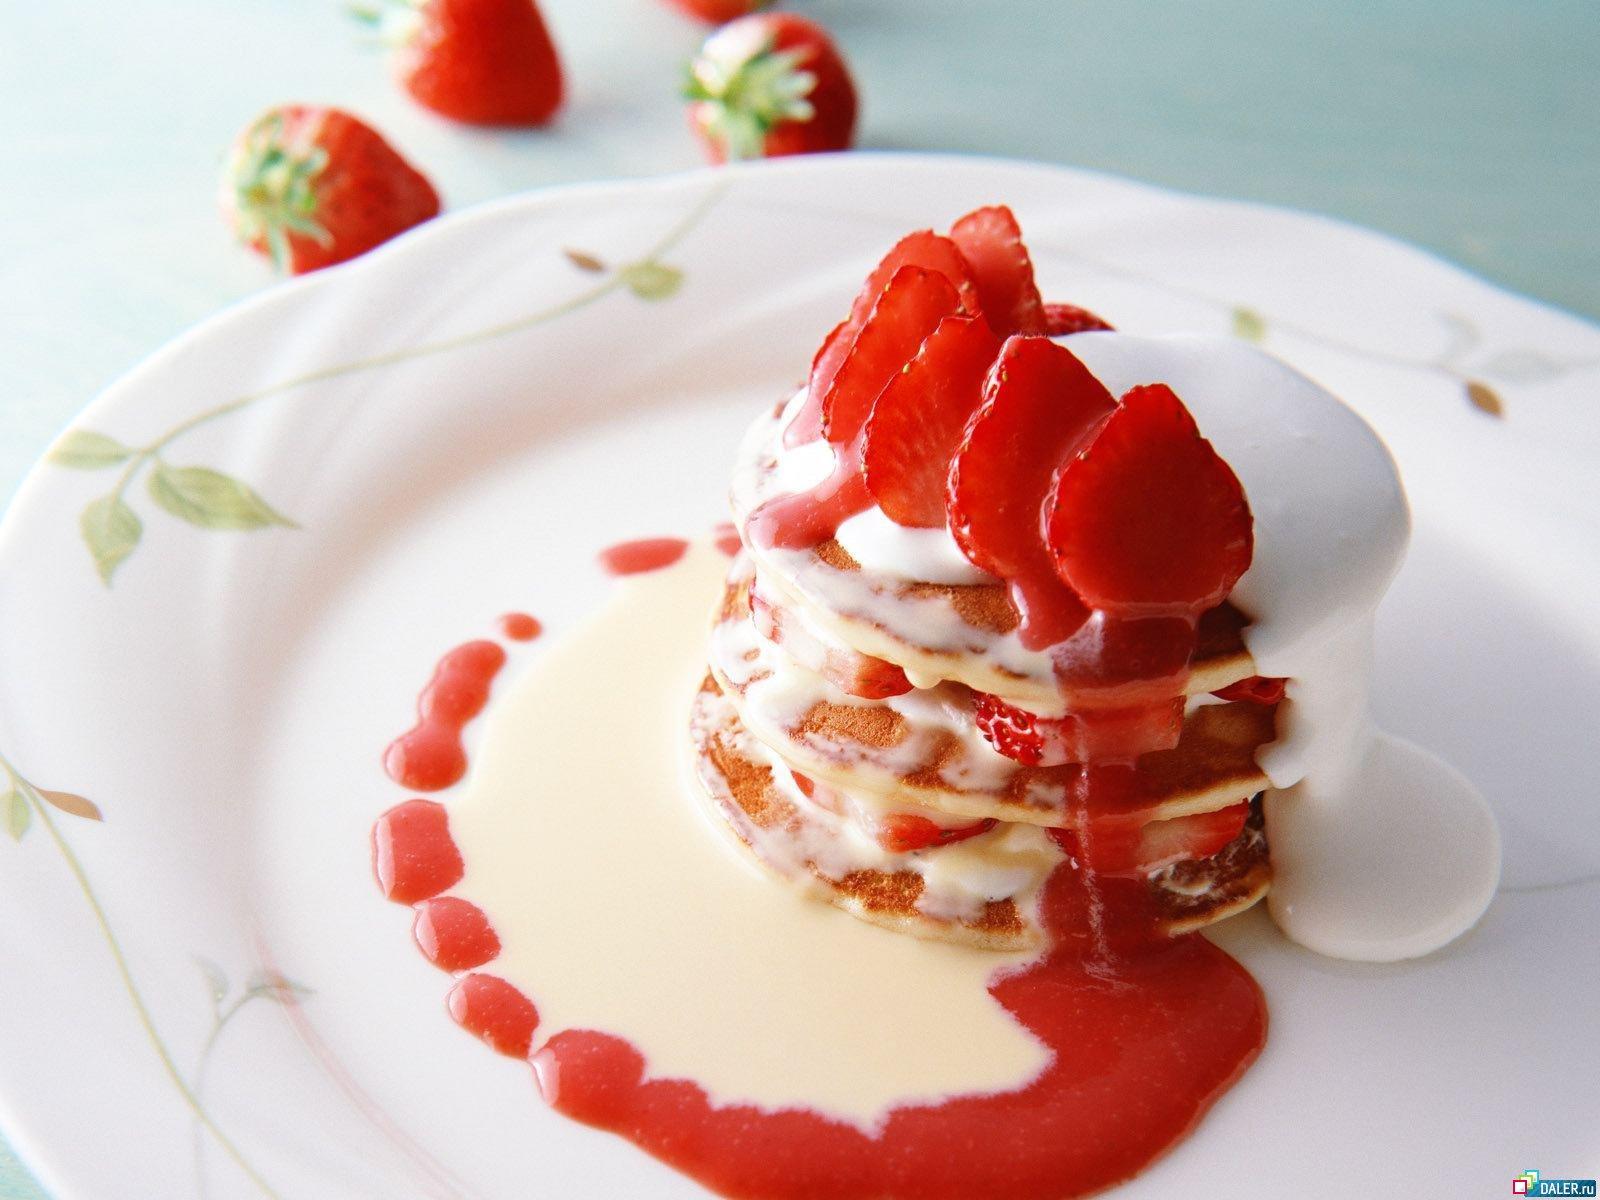 постепенное уменьшение количества сладкого